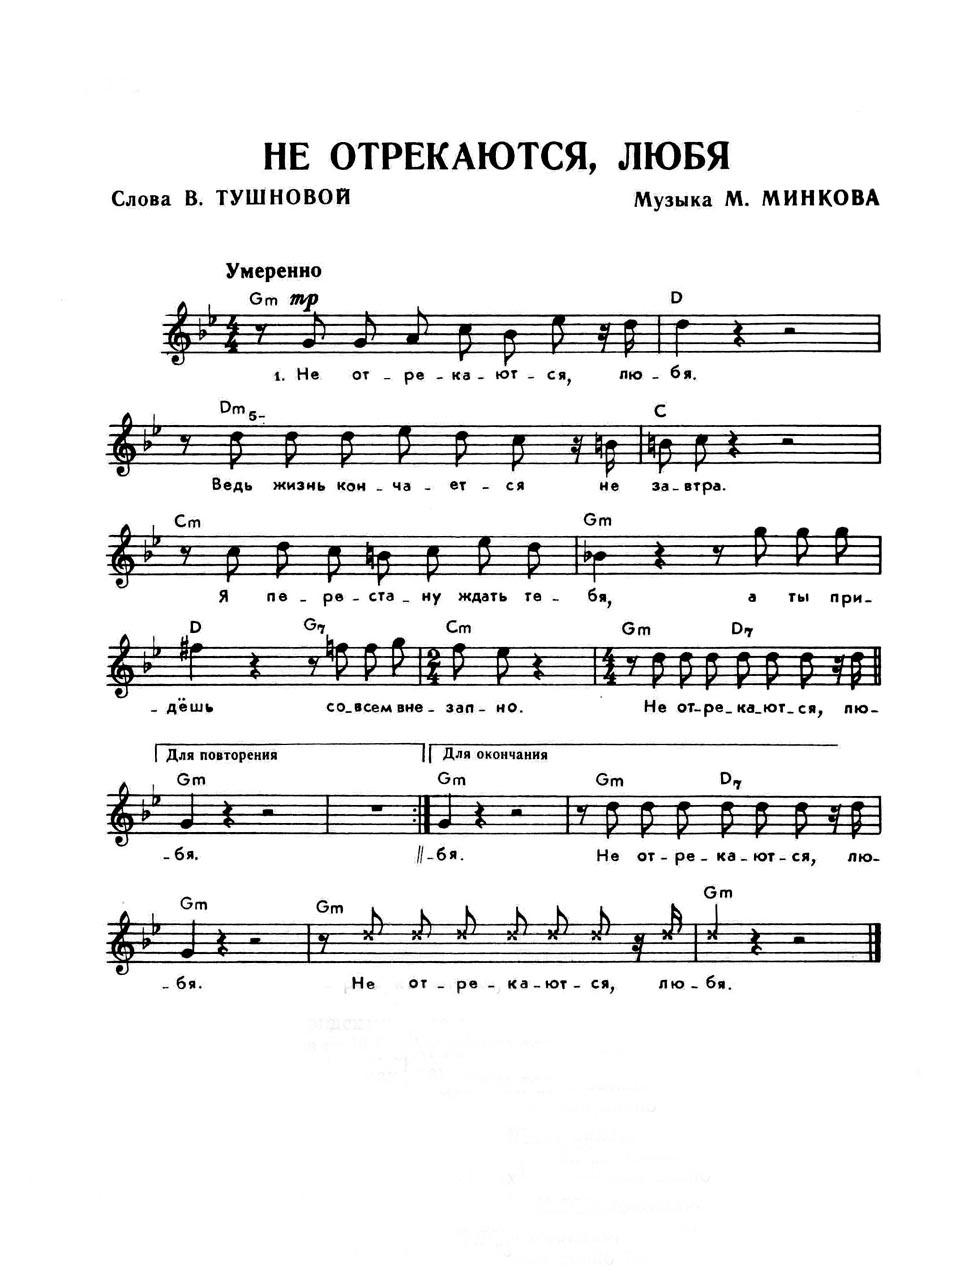 М. Минков, В. Тушнова. Песня «Не отрекаются любя». Ноты для голоса и аккорды